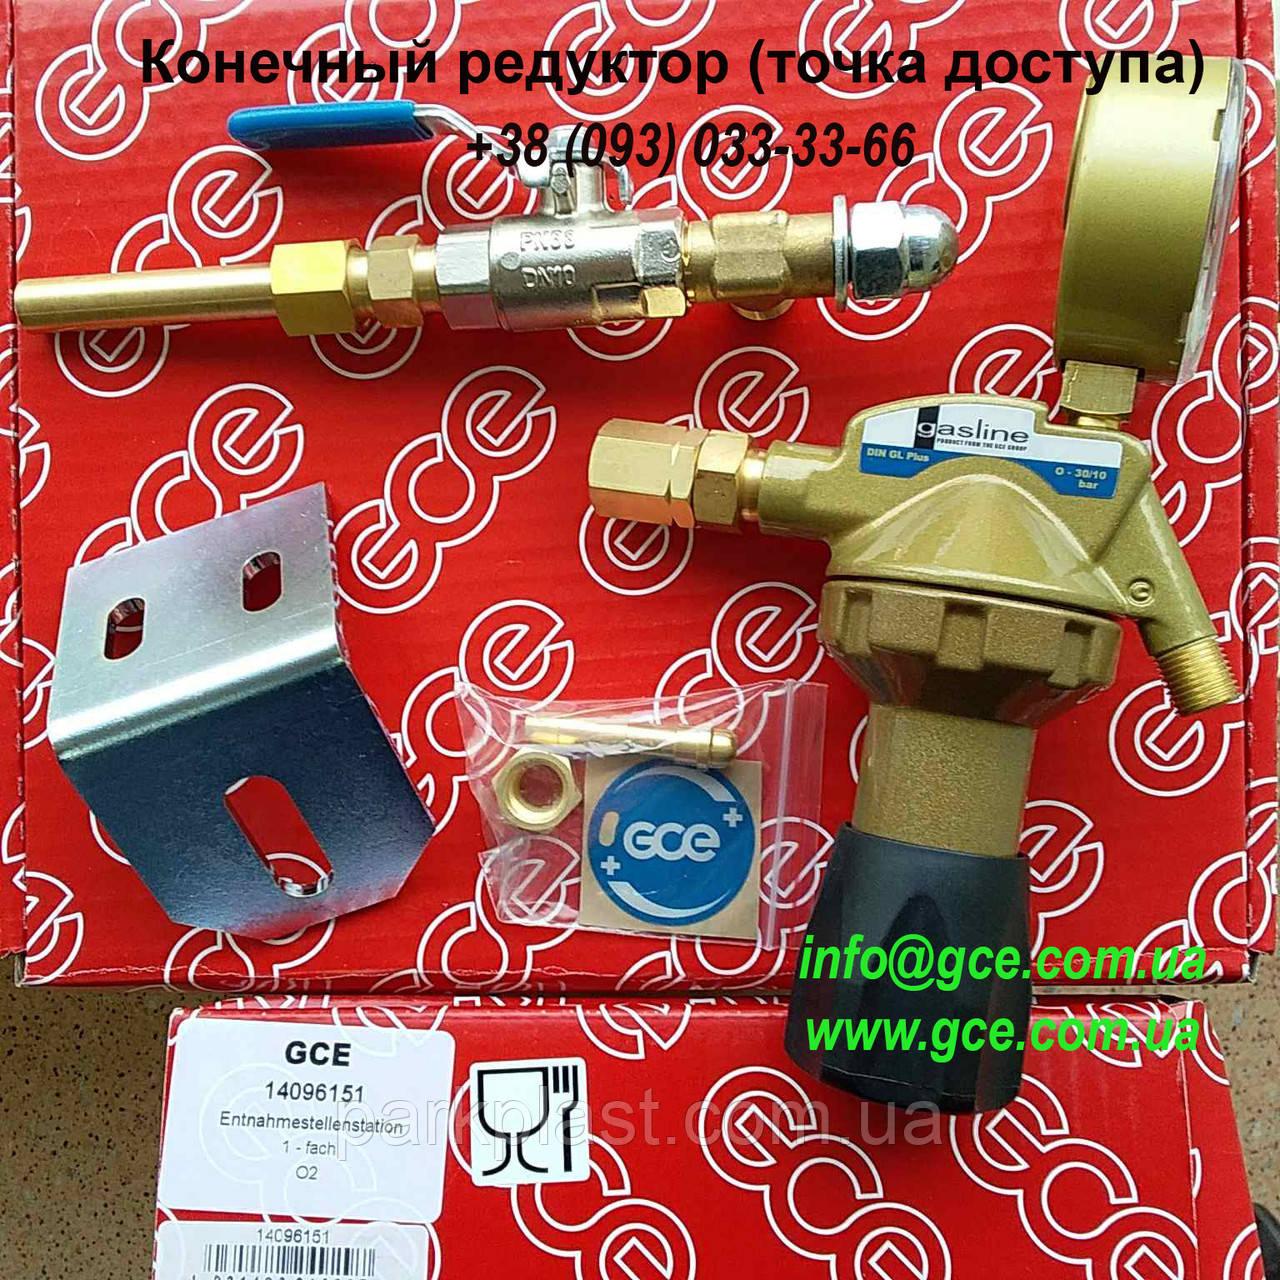 Конечный редуктор (точка доступа) кислородный, GCE DINSET, GCE Украина, фото 1